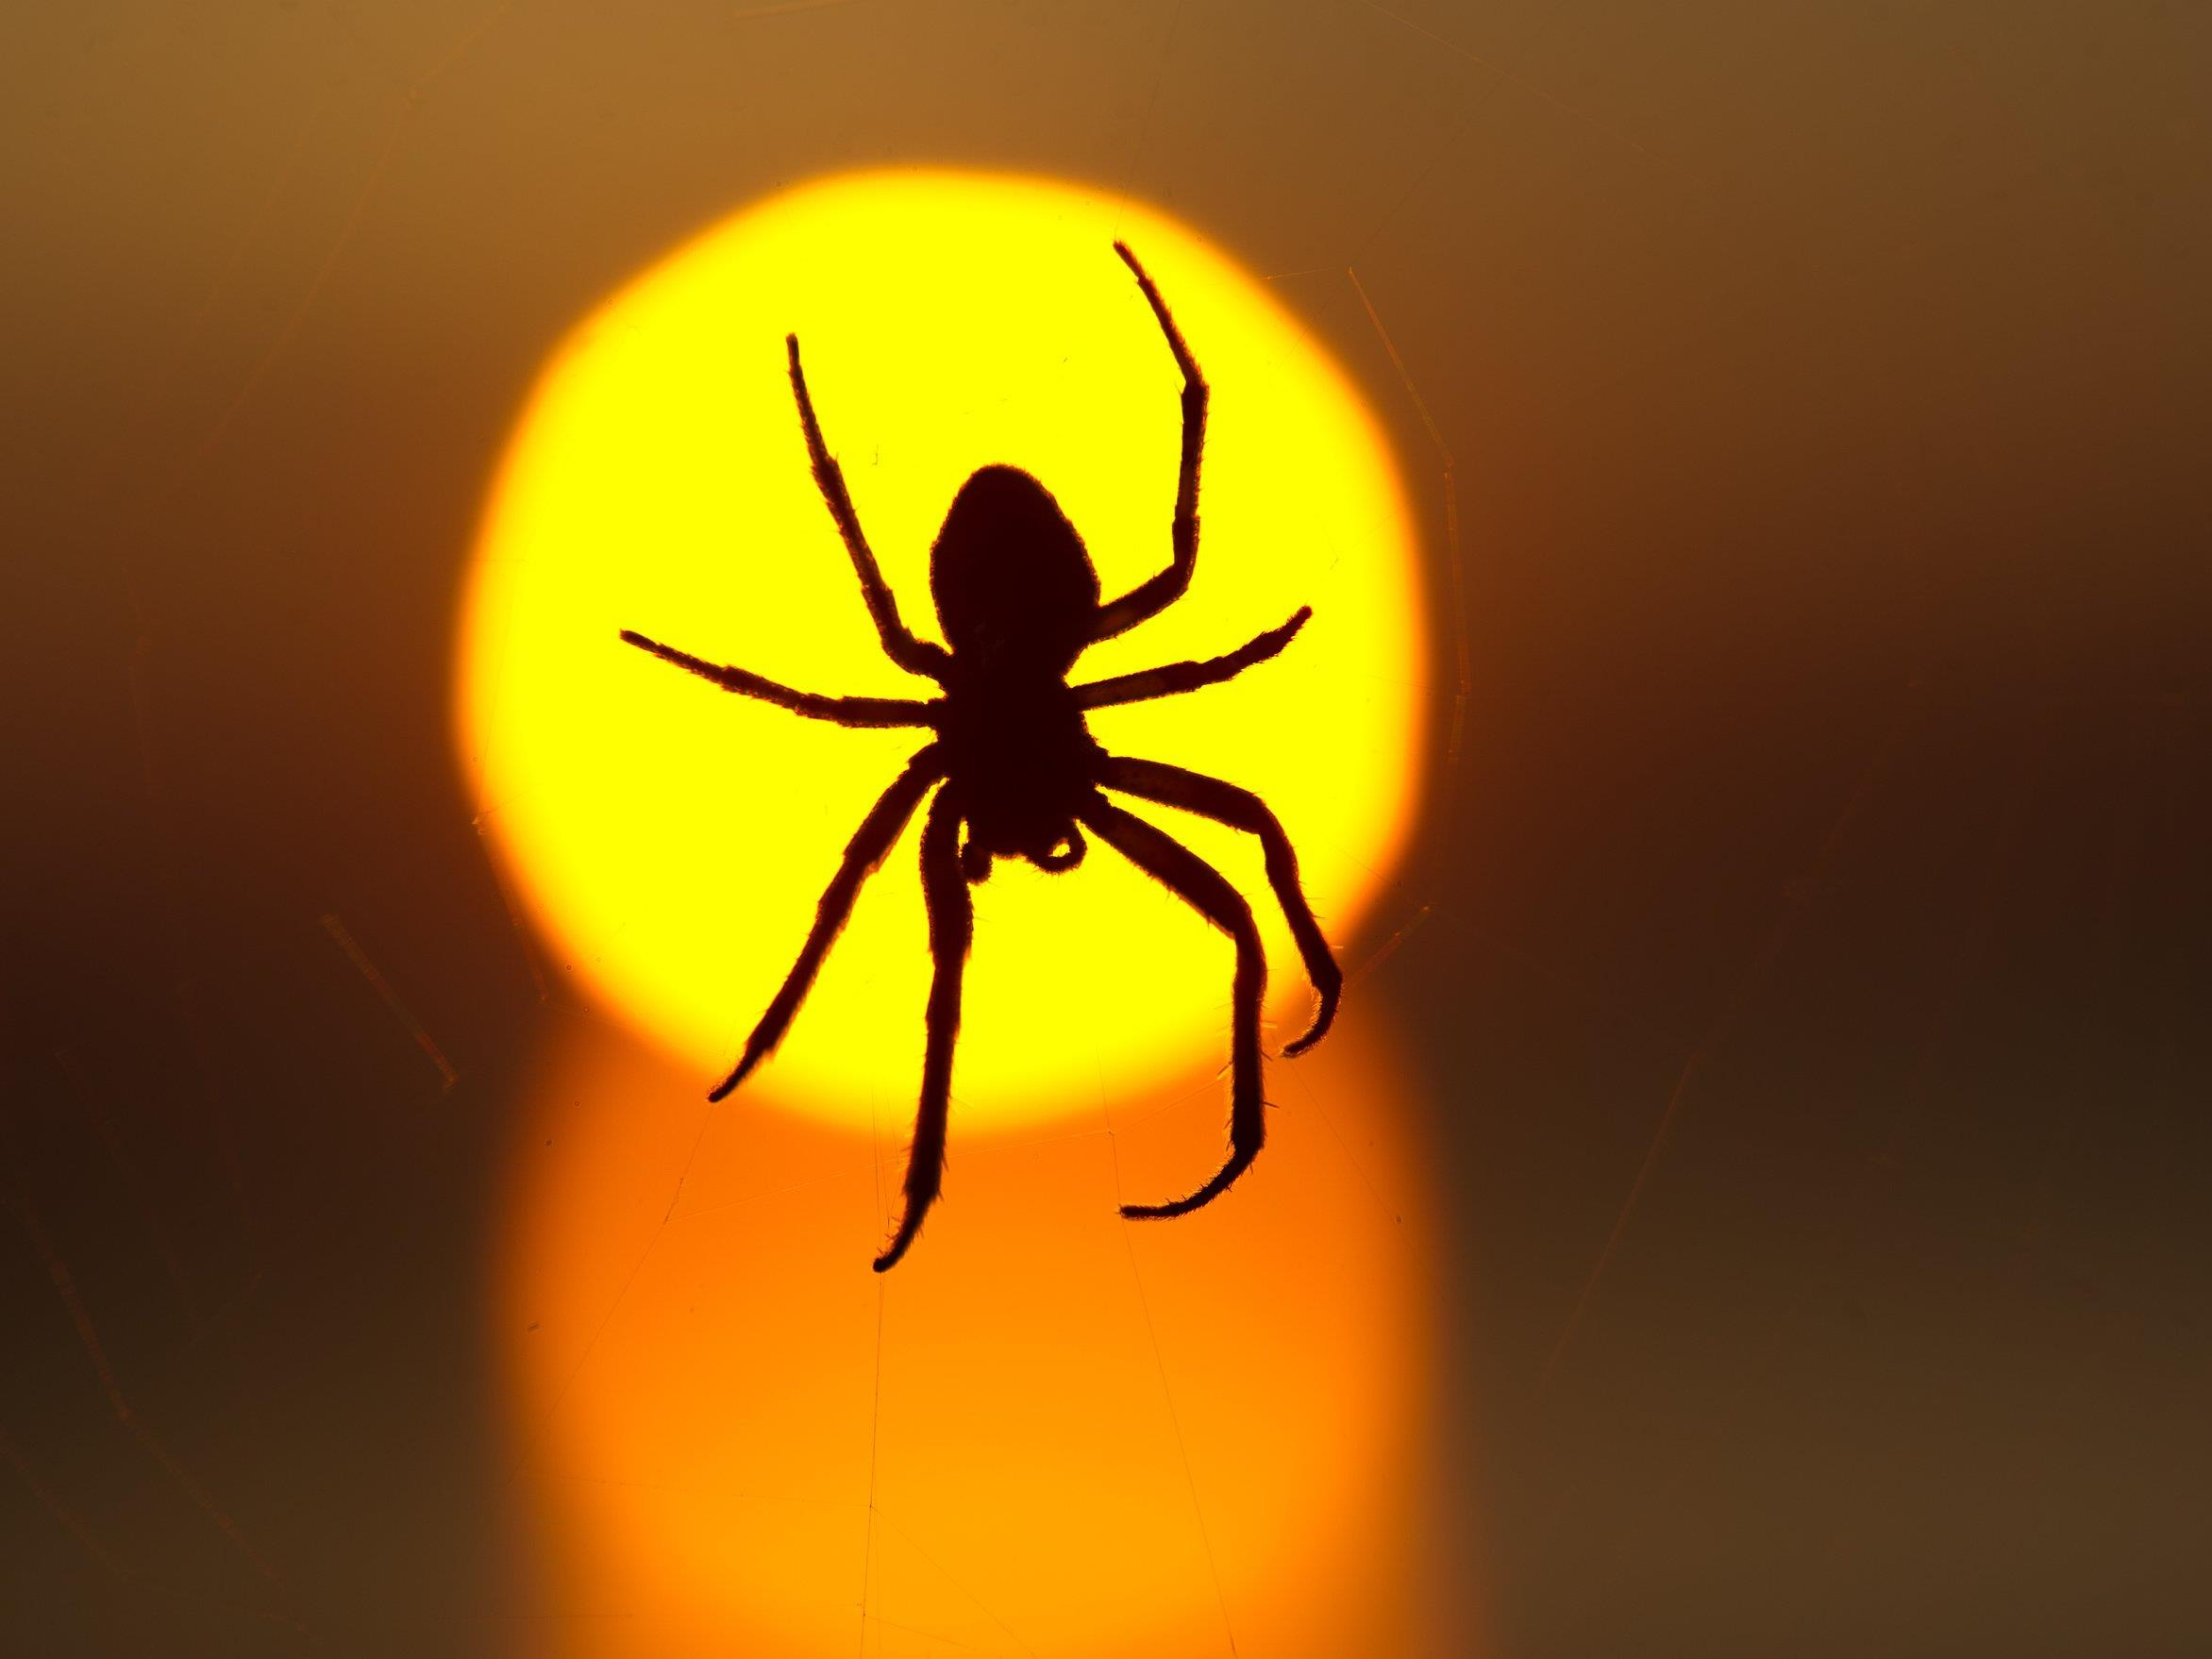 Sterben Spinnen Beim Einsaugen